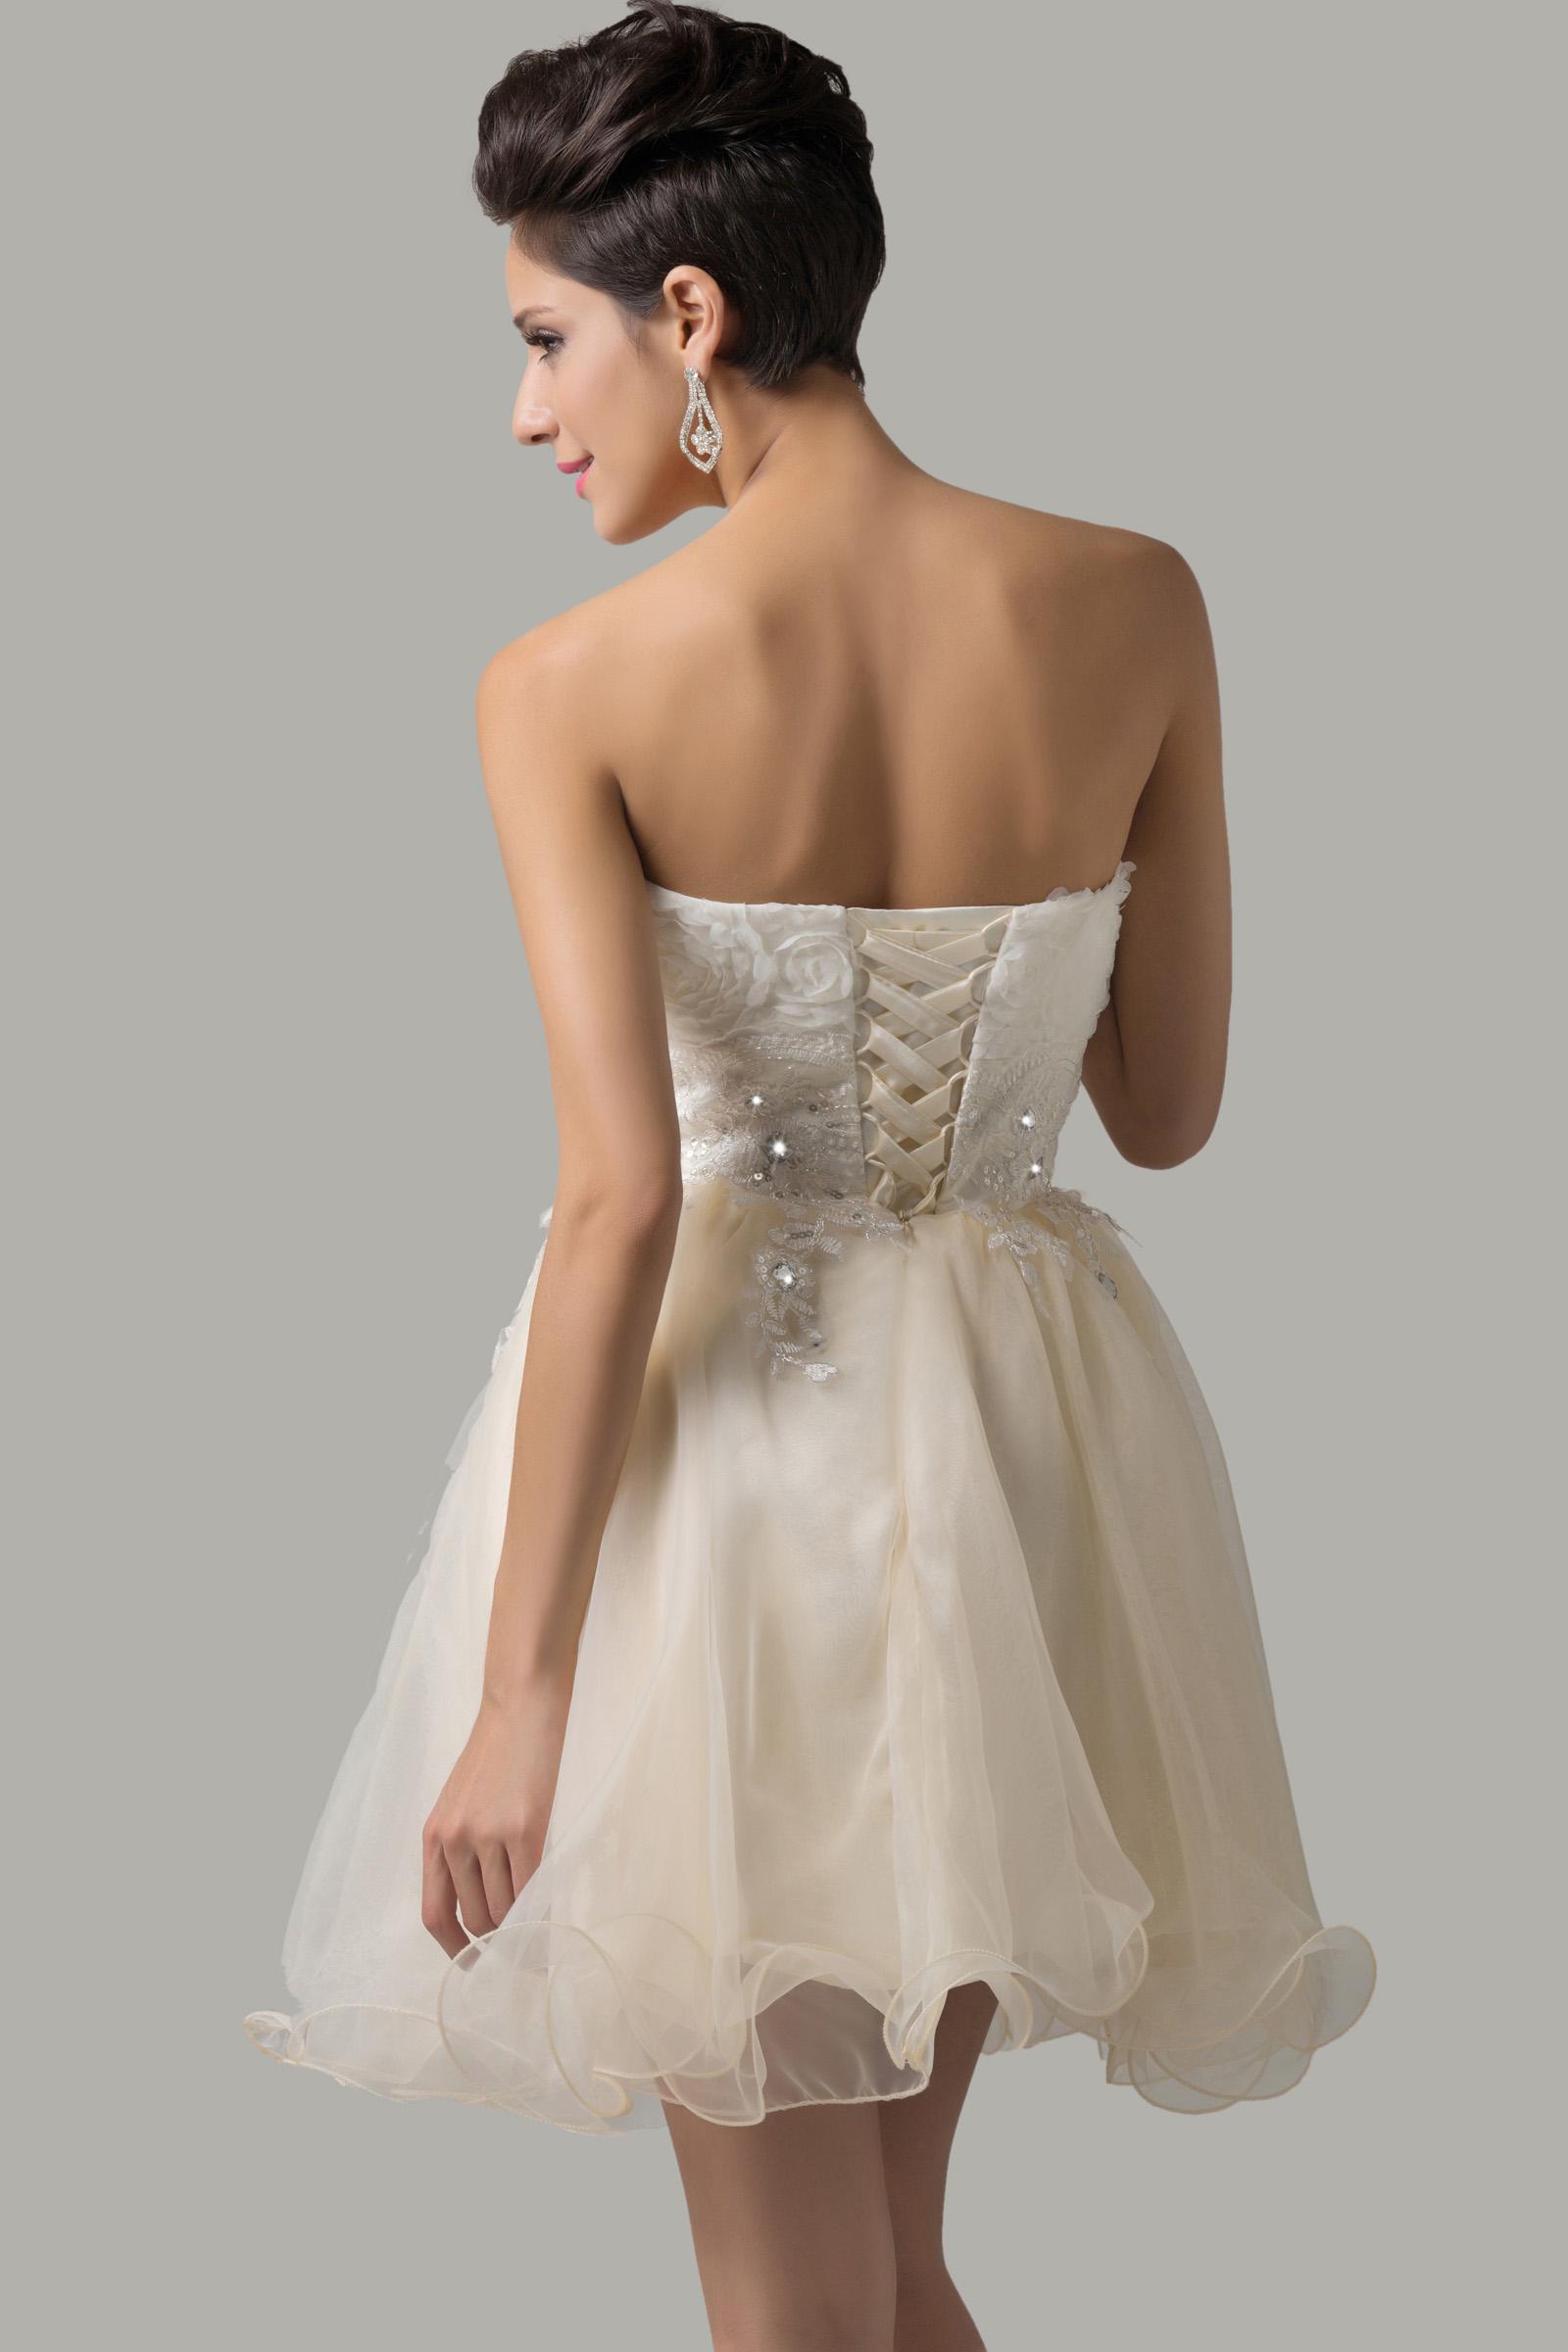 Sukienka z gorsetem - prawidłow